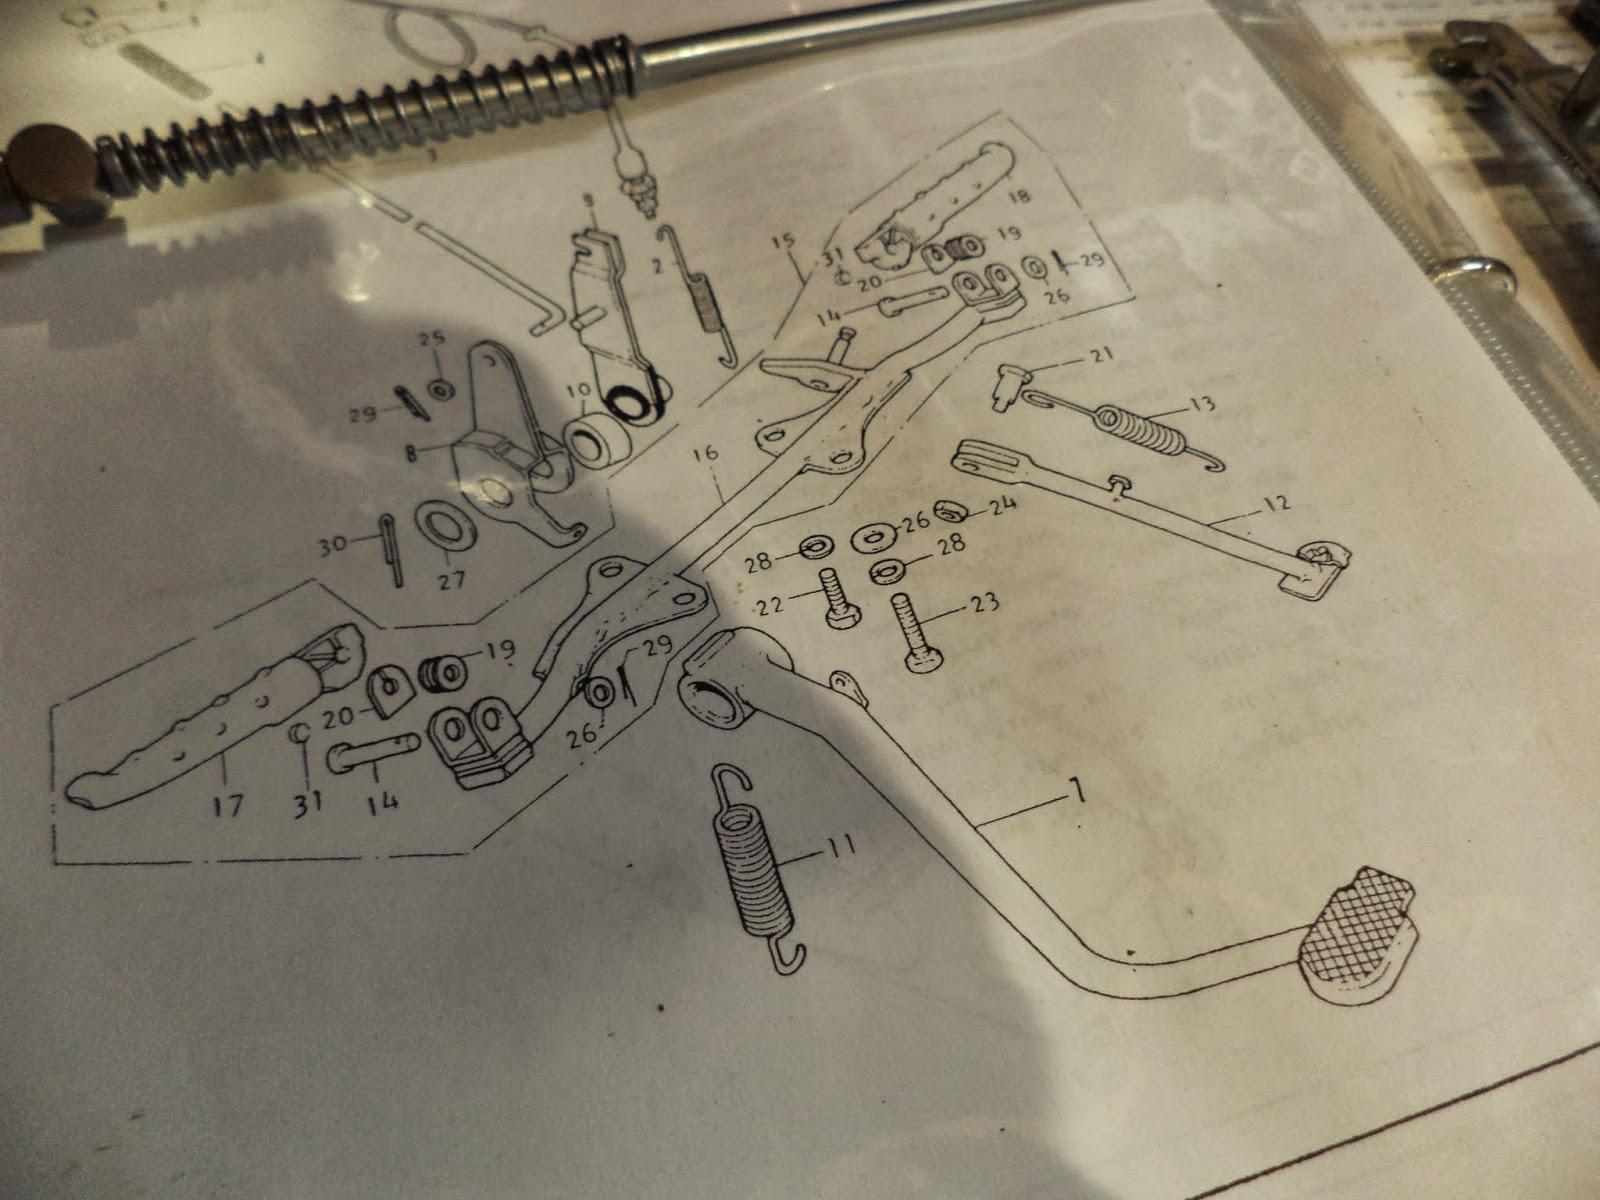 Ausgezeichnet 1972 Honda Ct70 Schaltplan Zeitgenössisch - Schaltplan ...